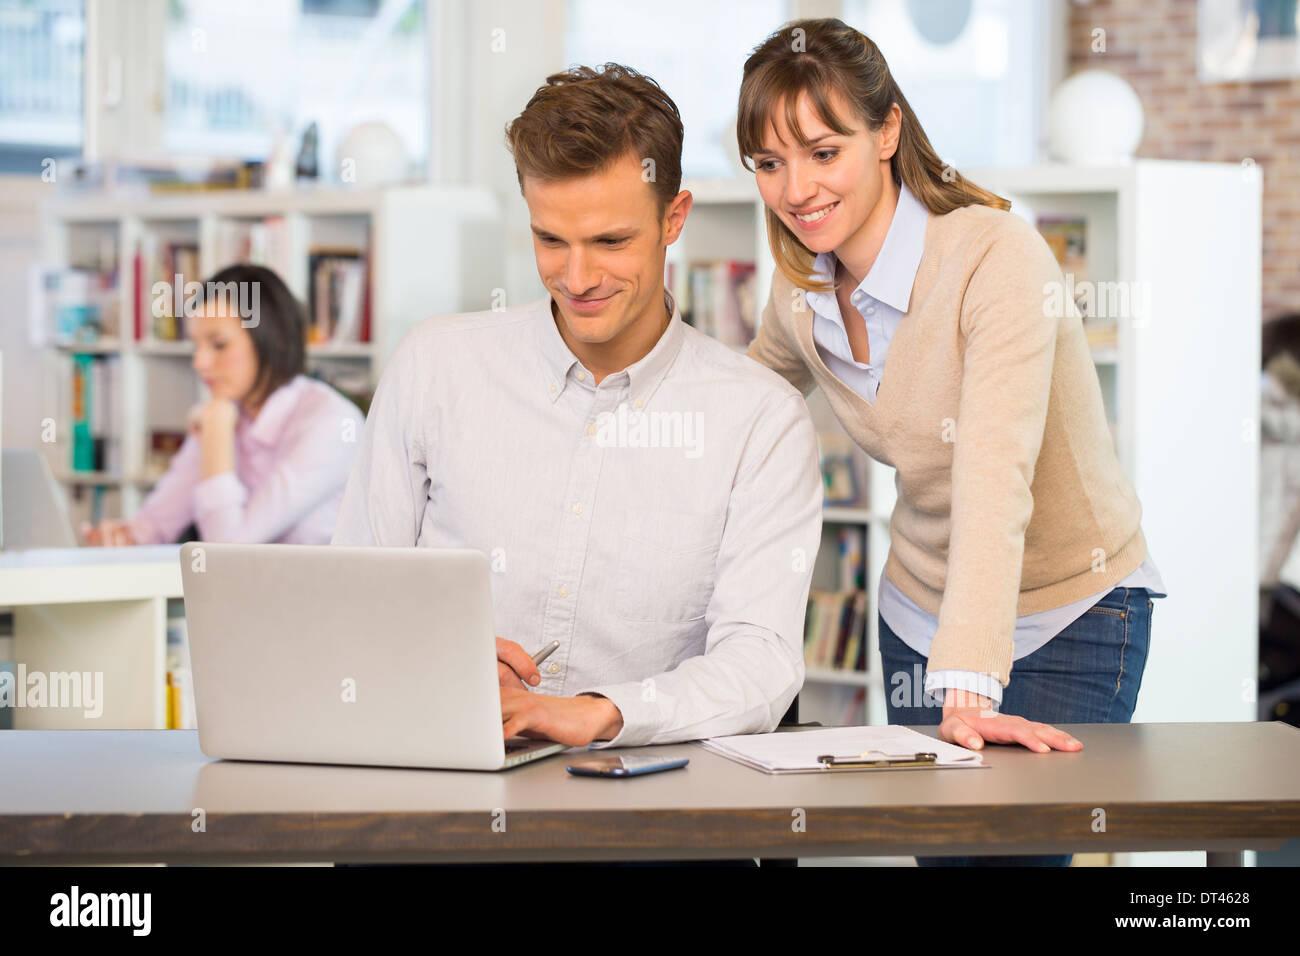 Gli imprenditori felice desk casual per laptop Immagini Stock